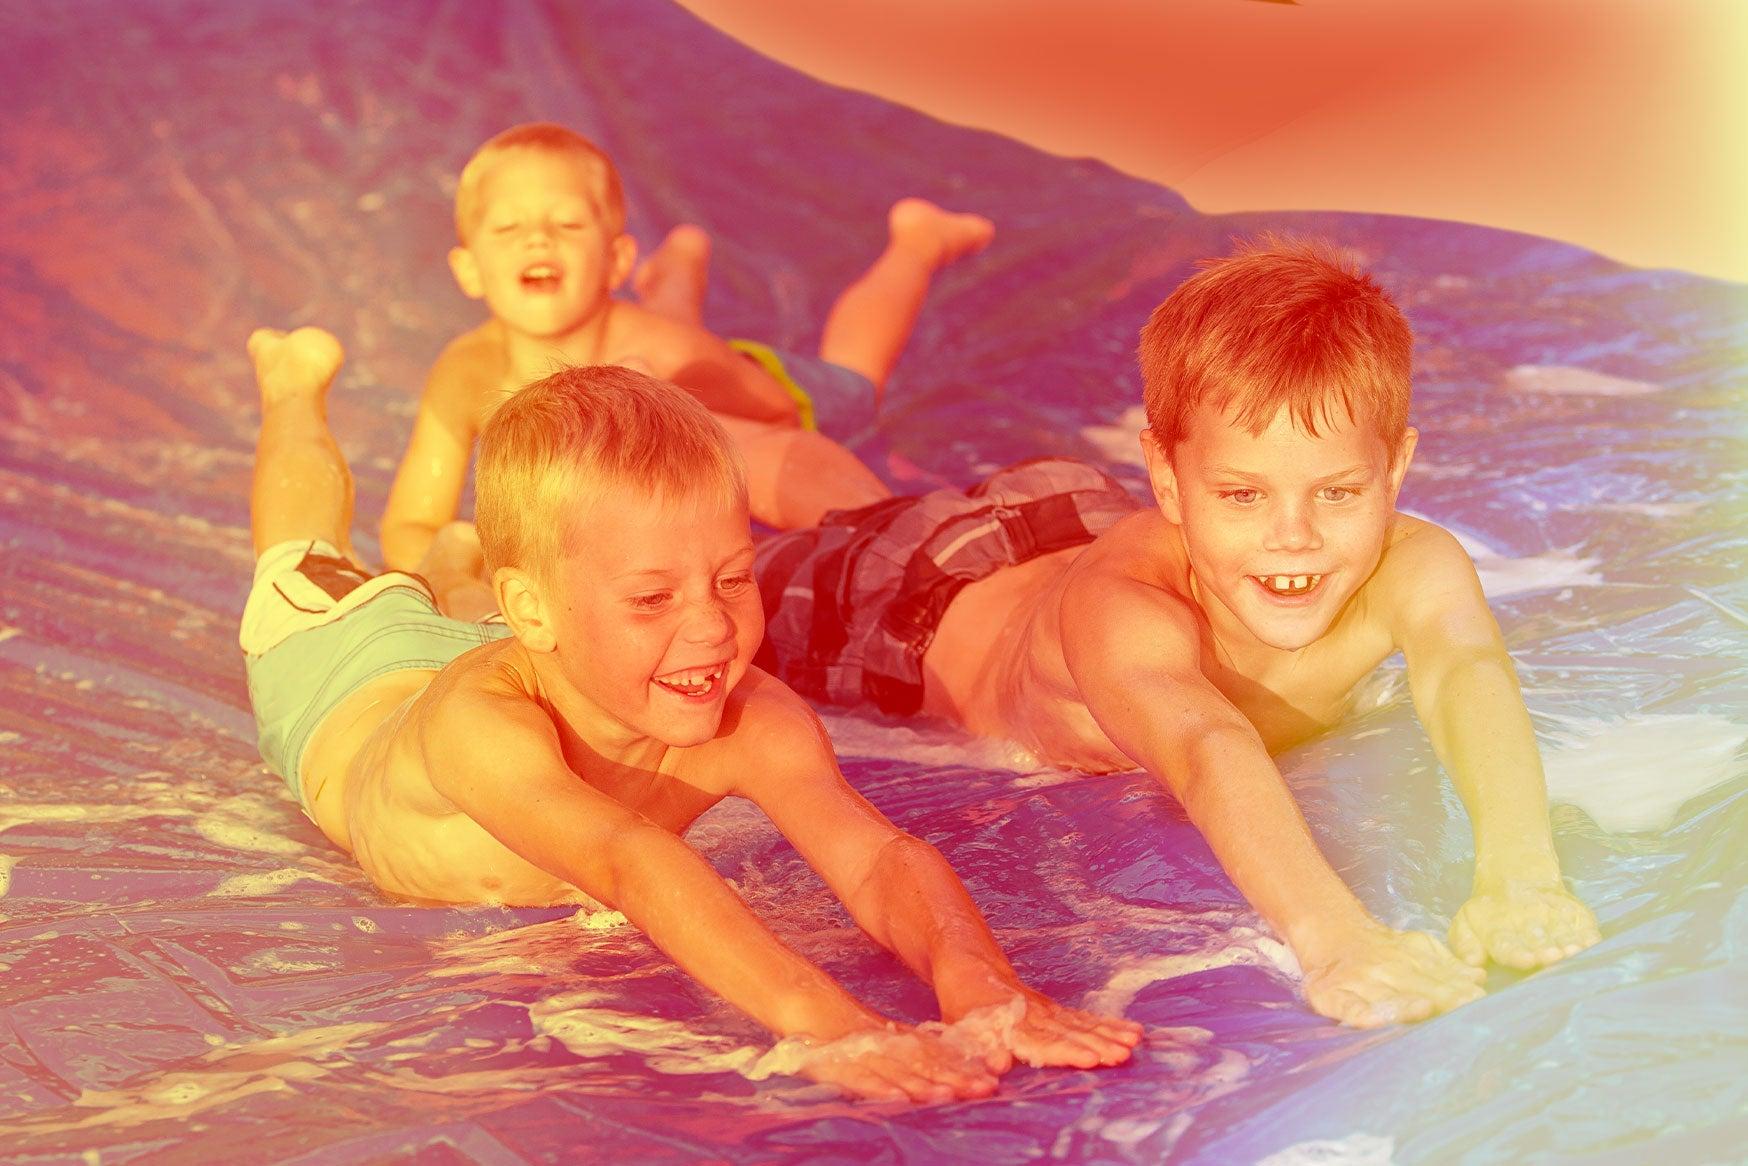 Three children sliding down a slip and slide.